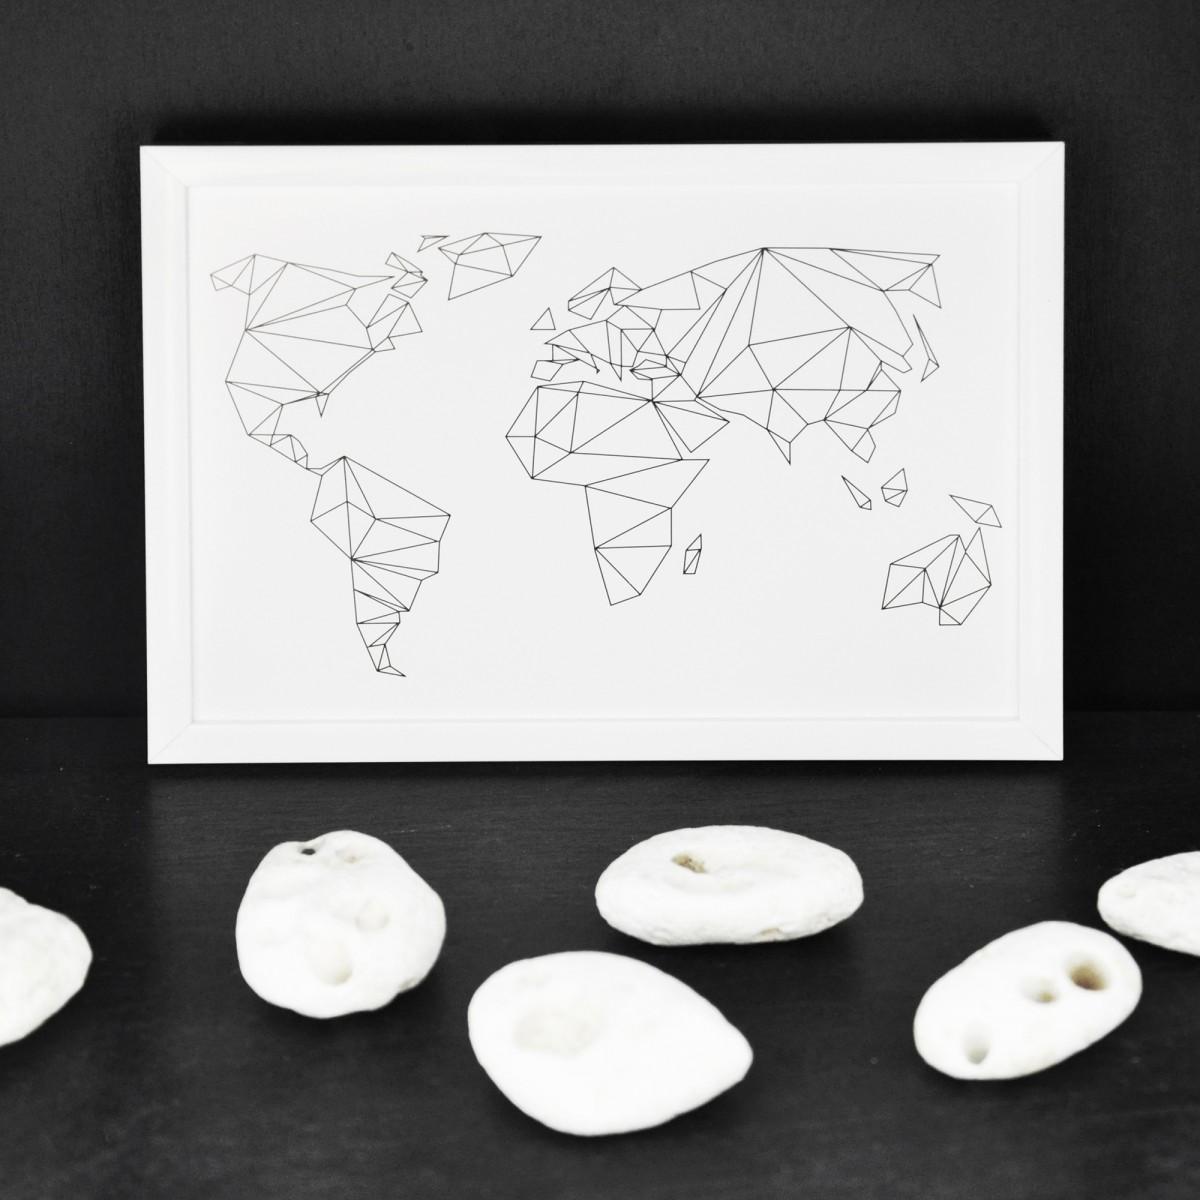 na.hili Postkarten SET: Geometrical World & HEY (10er-Set)